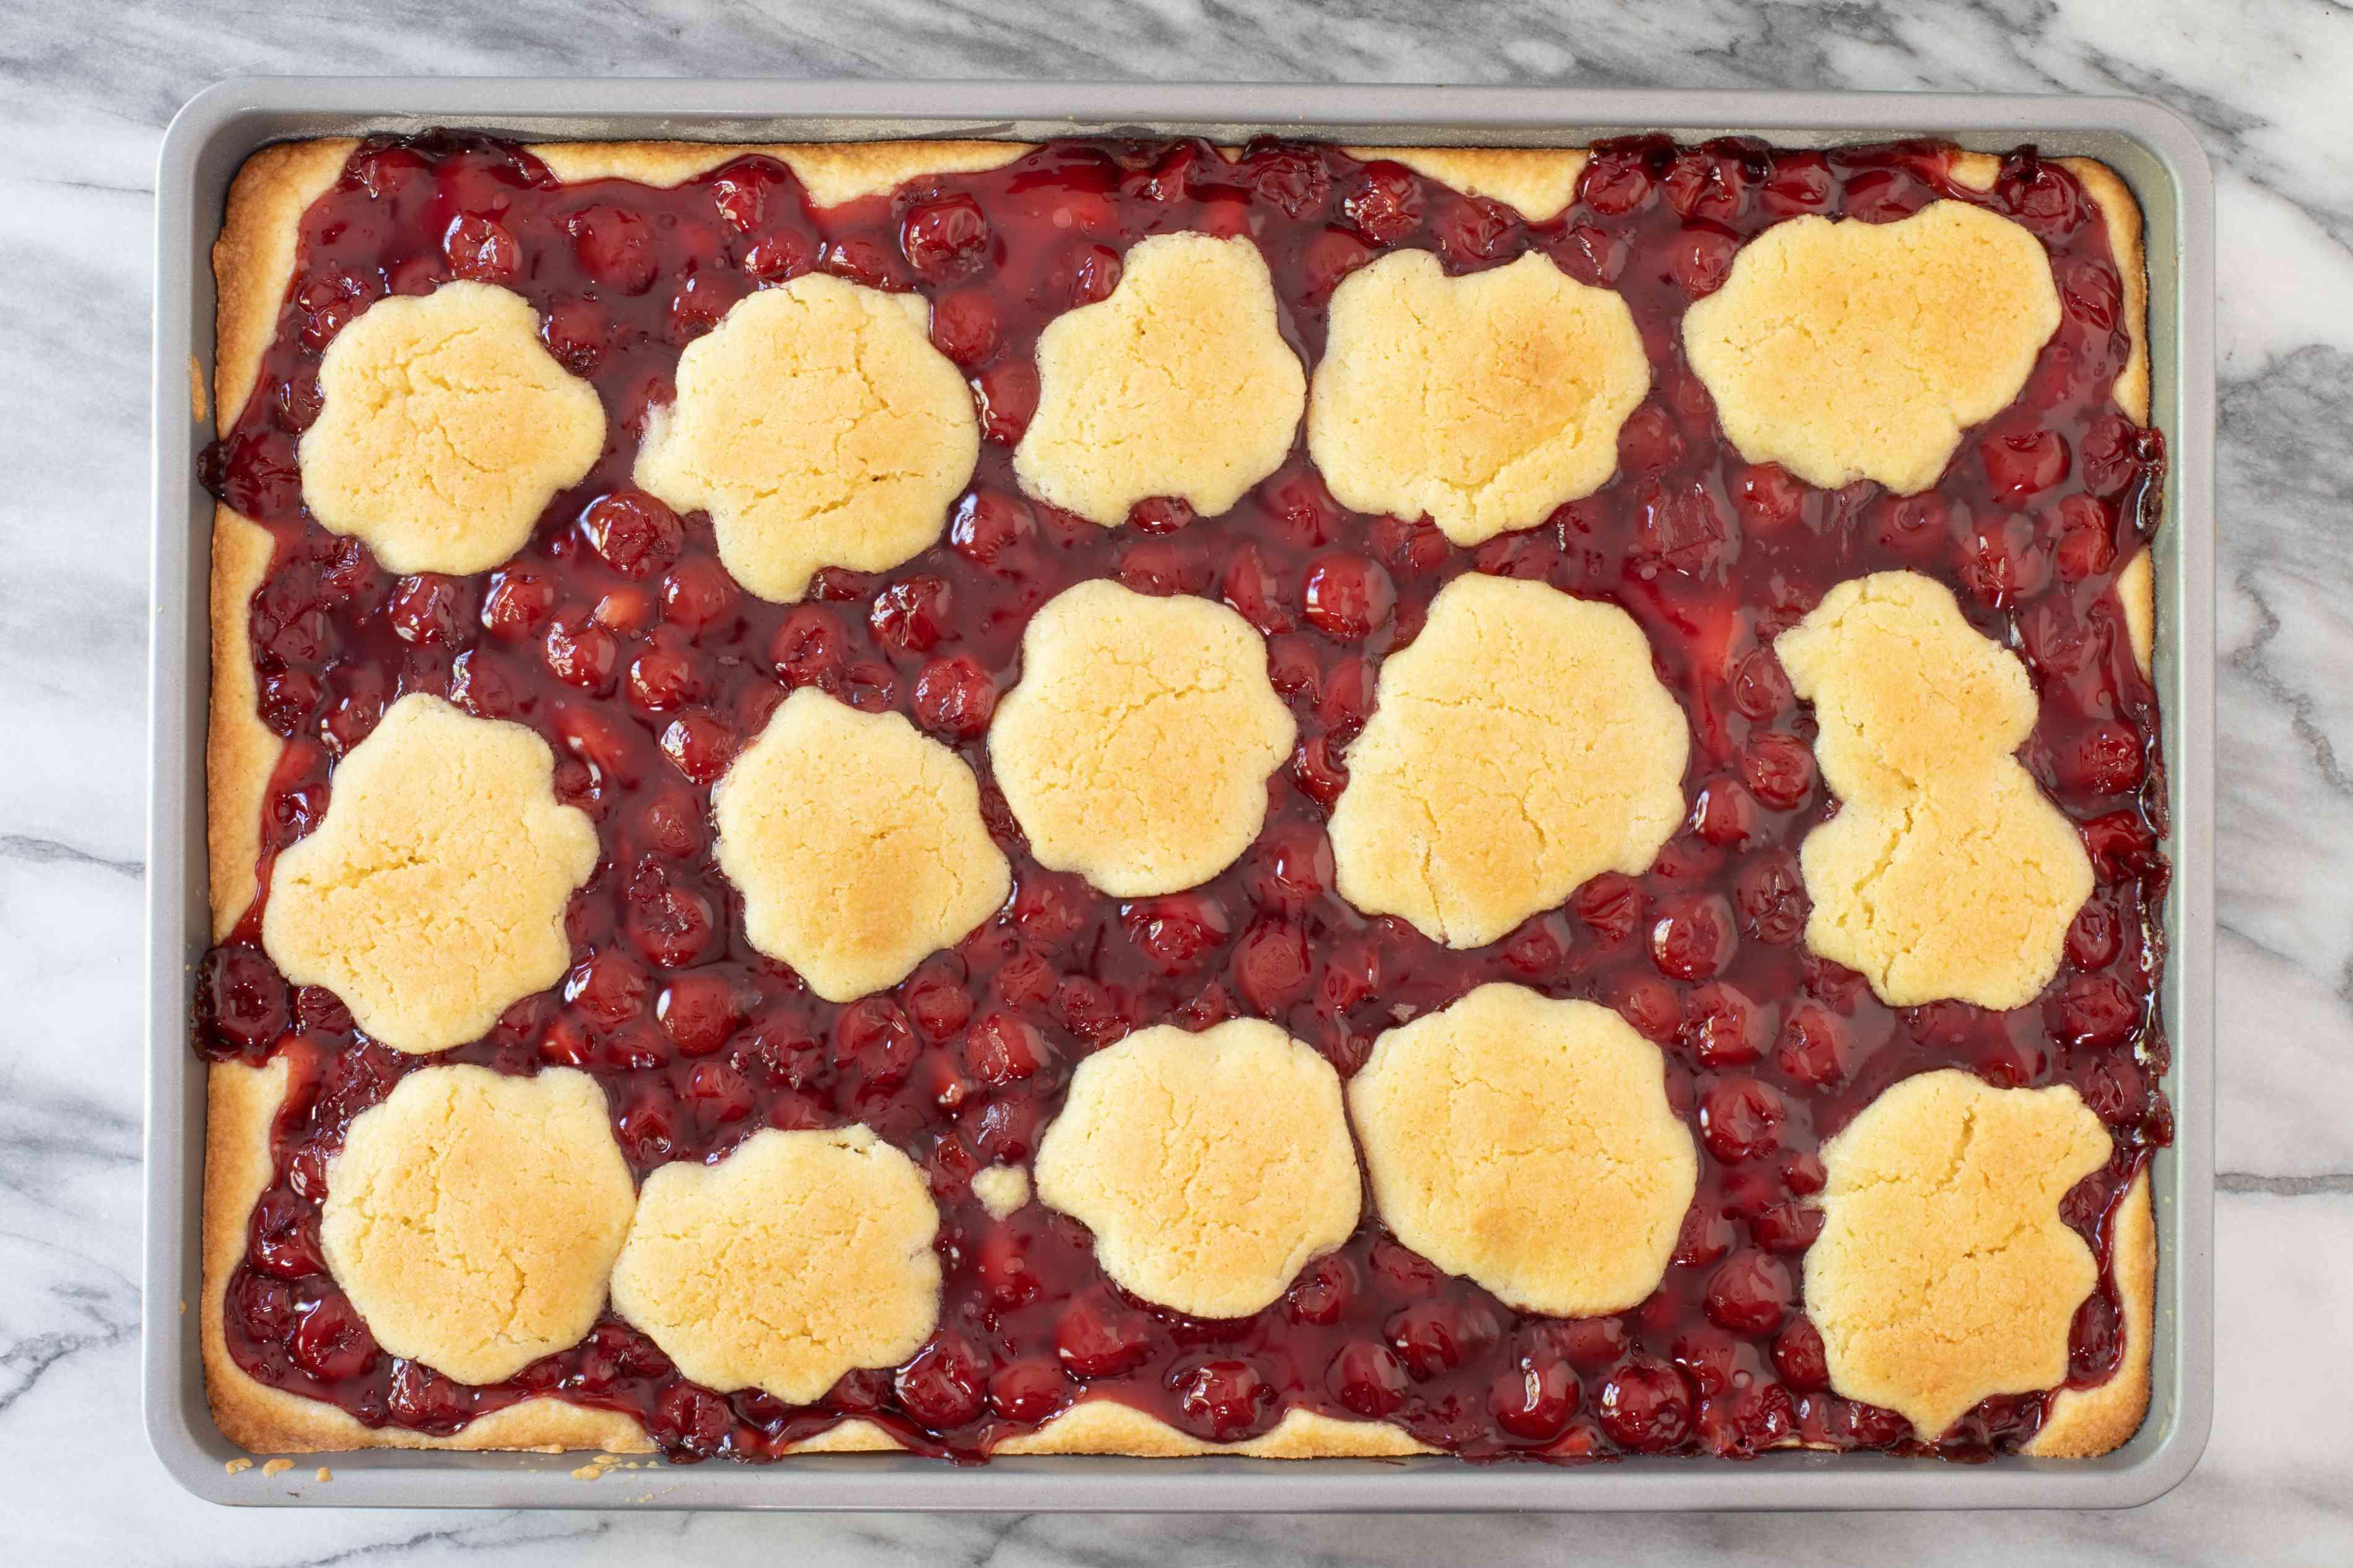 unglazed cherry pie bars in the pan